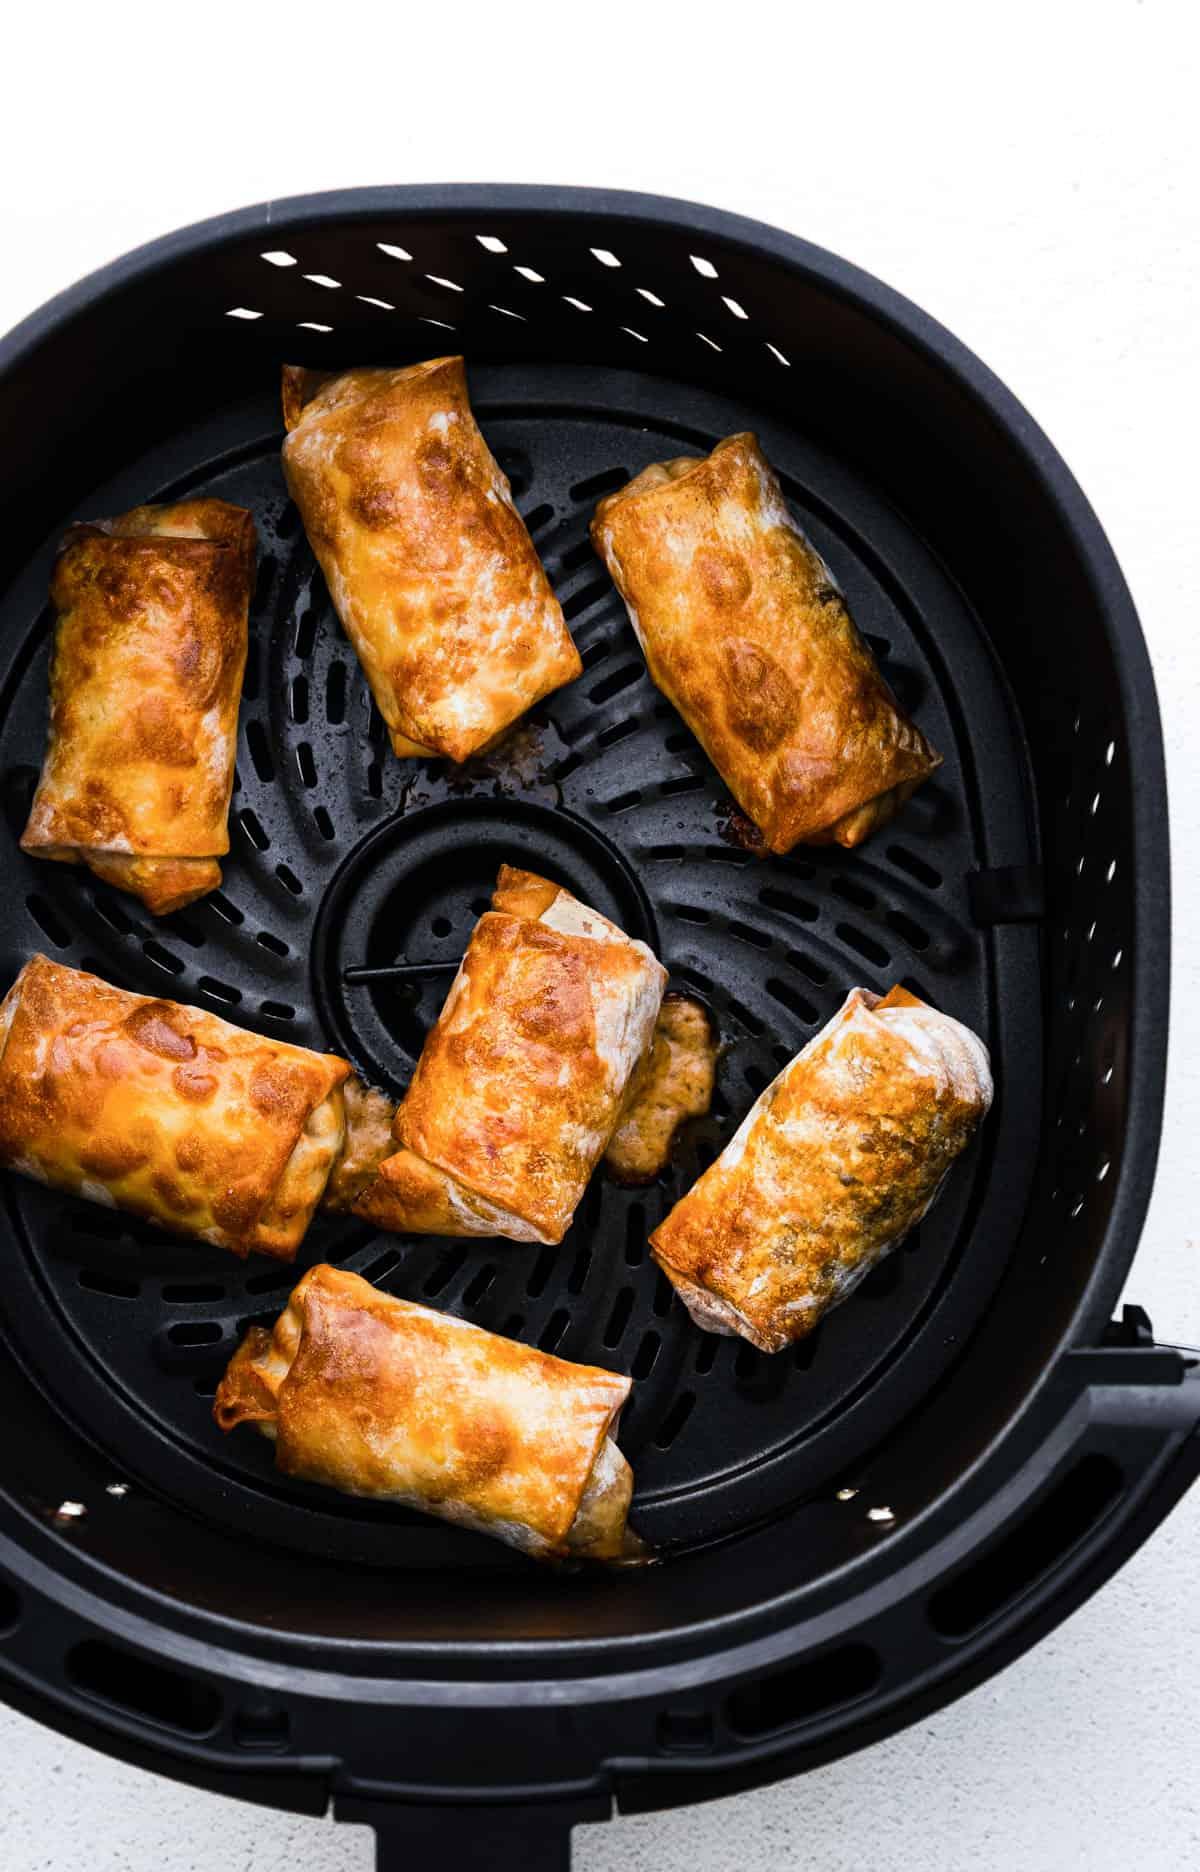 Air Fryer Chicken Egg Rolls In the air fryer basket